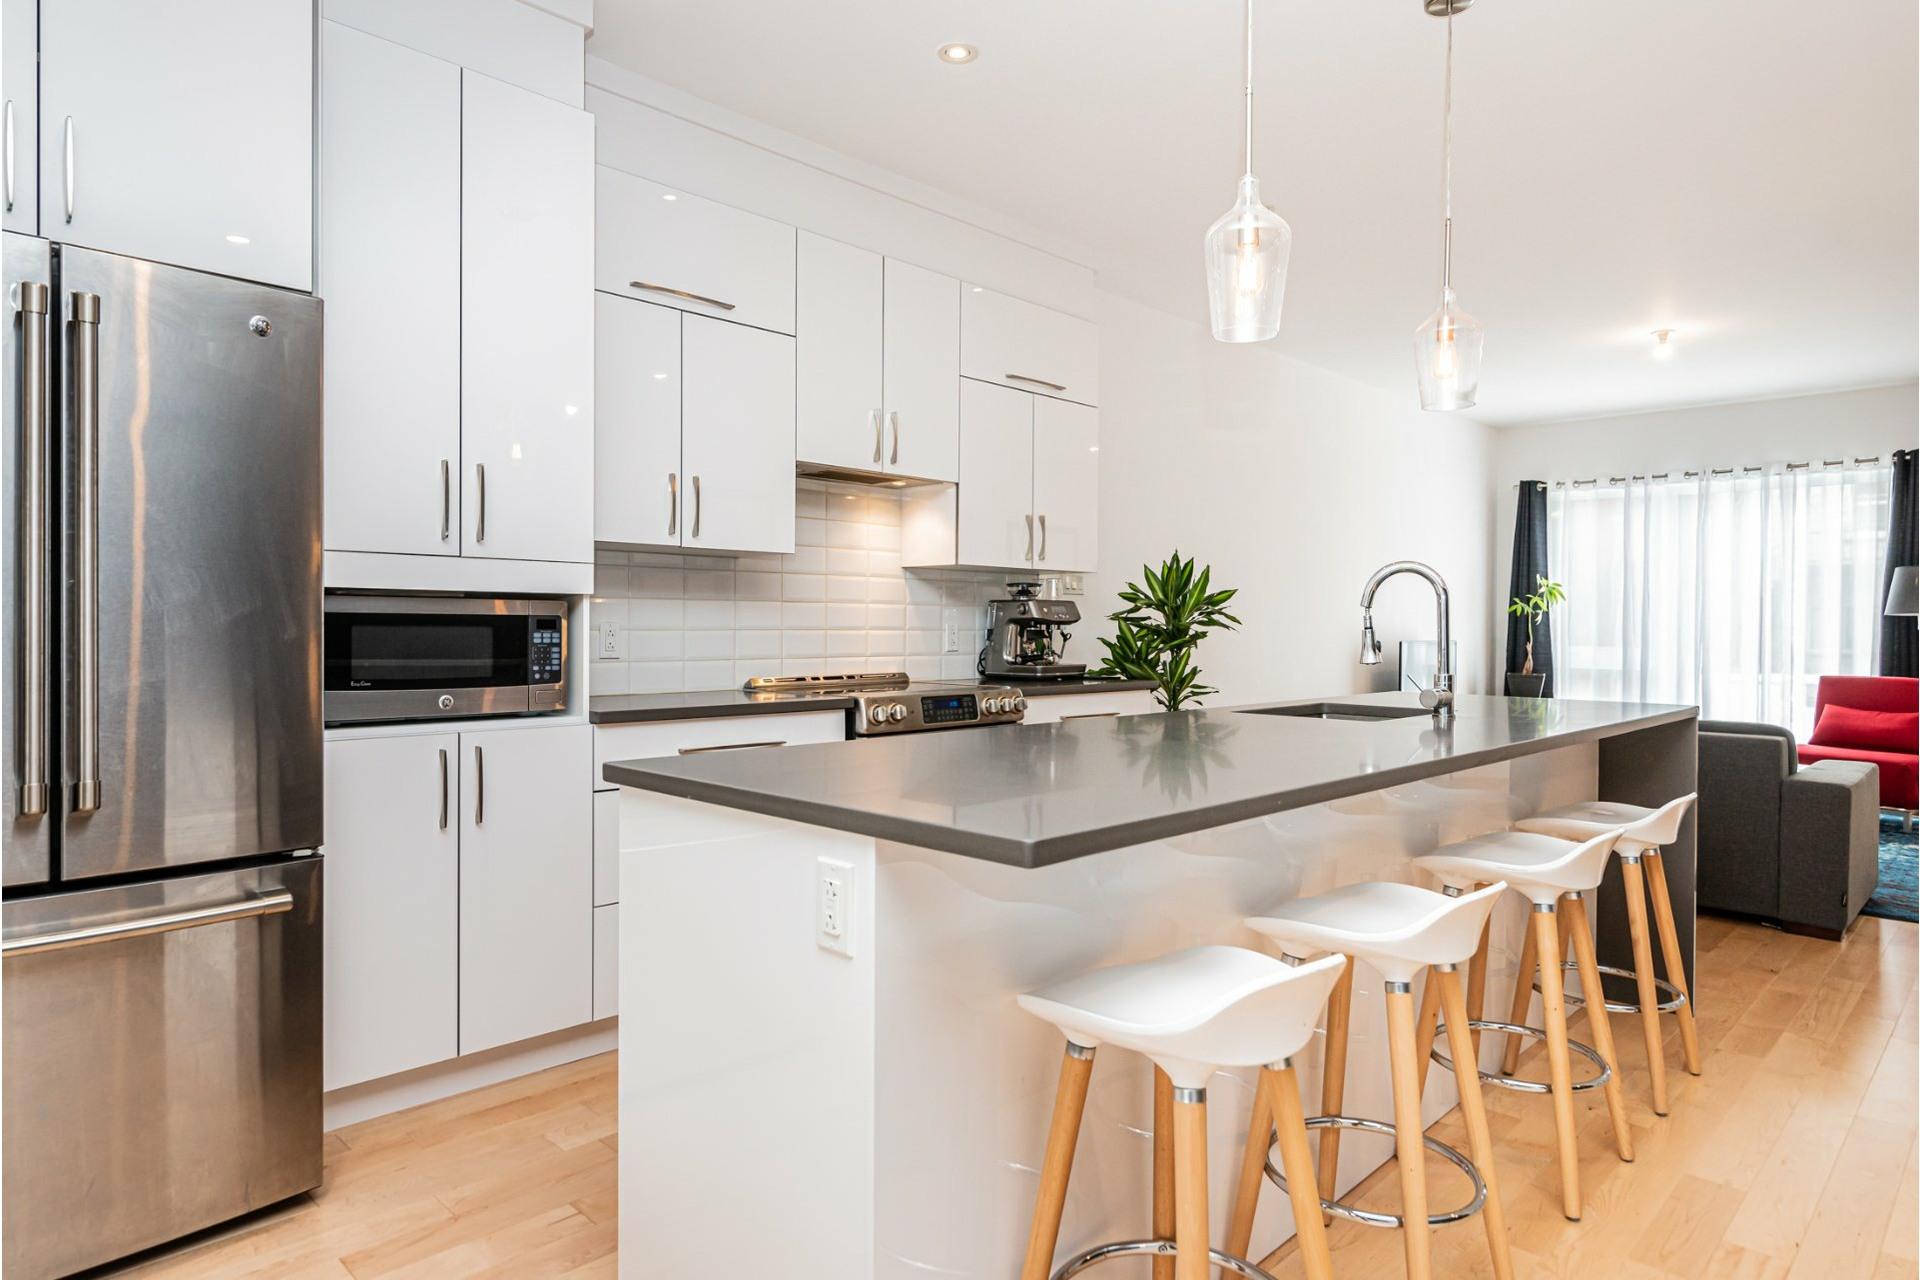 image 10 - Apartment For rent Rosemont/La Petite-Patrie Montréal  - 8 rooms